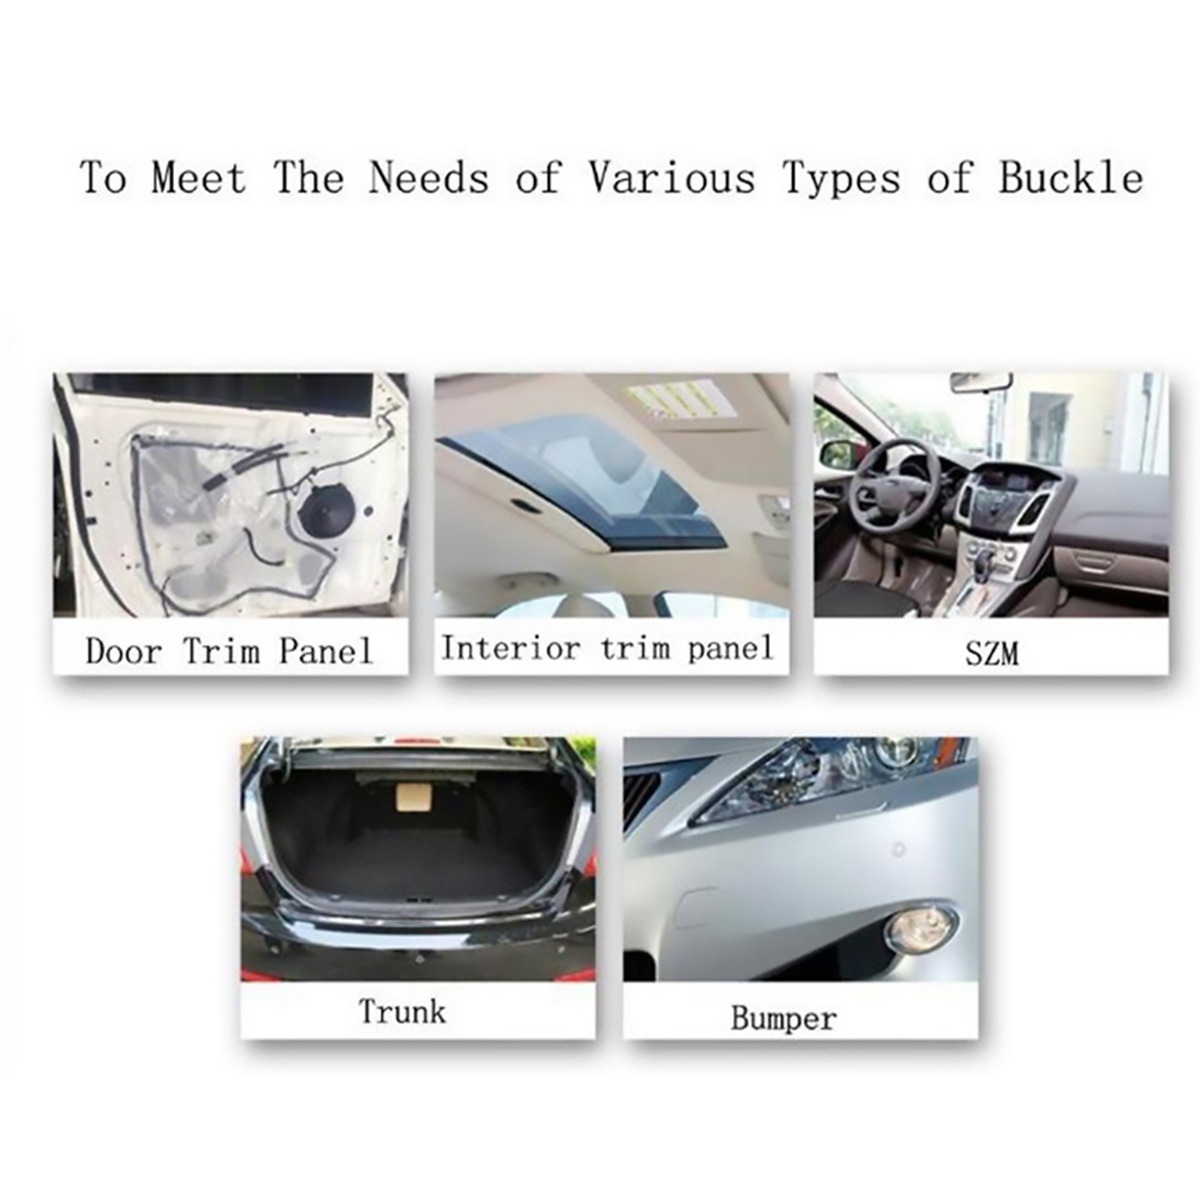 200 шт смешанный Автомобильный крепеж, автомобильный бампер, фиксатор, заклепка, дверная панель, подкрылок, универсальный, подходит для всех автомобилей